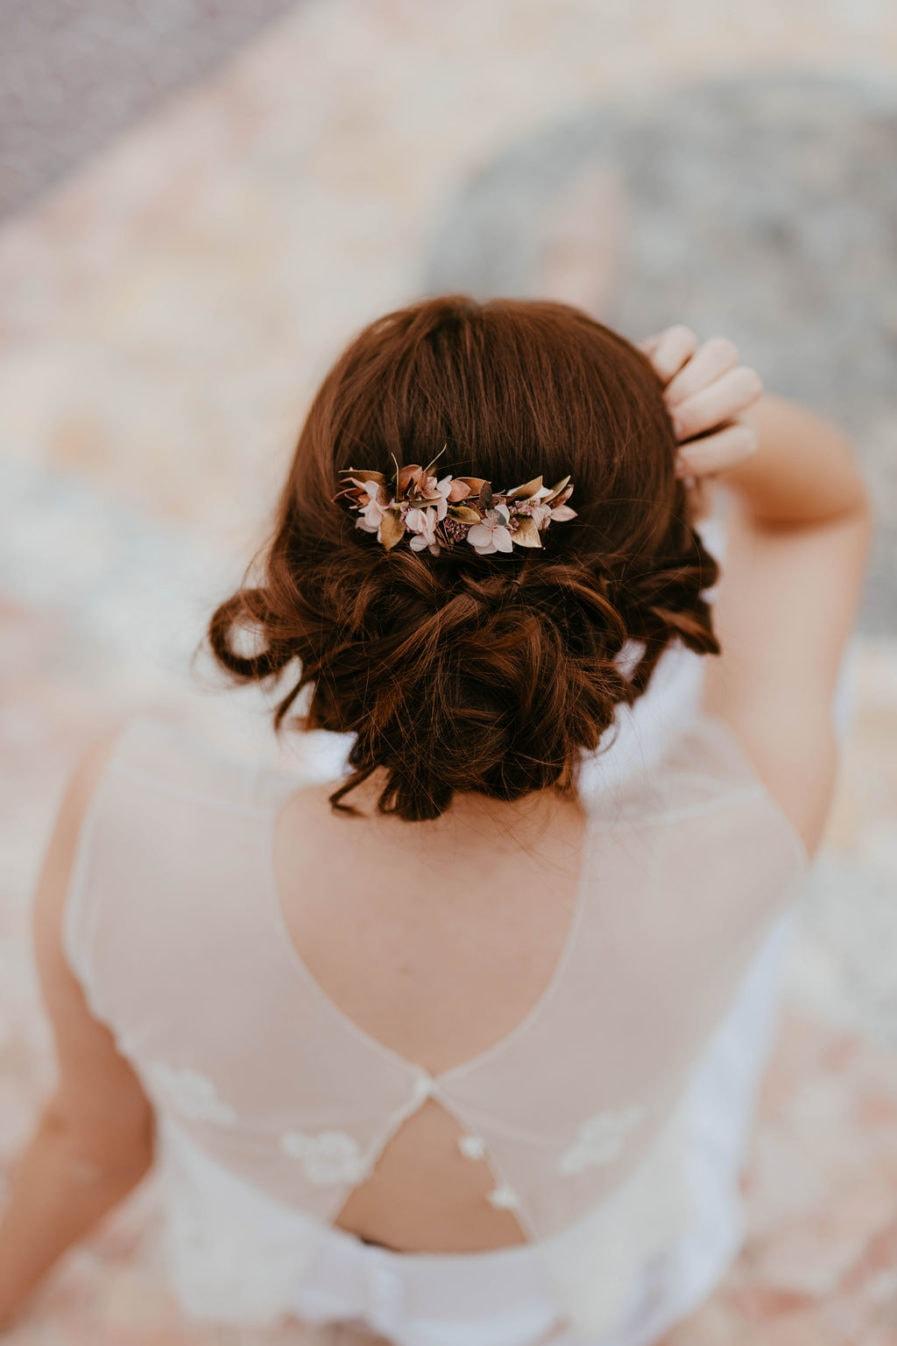 Peigne de fleurs Phyra - Les Fleurs Dupont - Anaïs Nannini - Accessoire en fleurs séchées